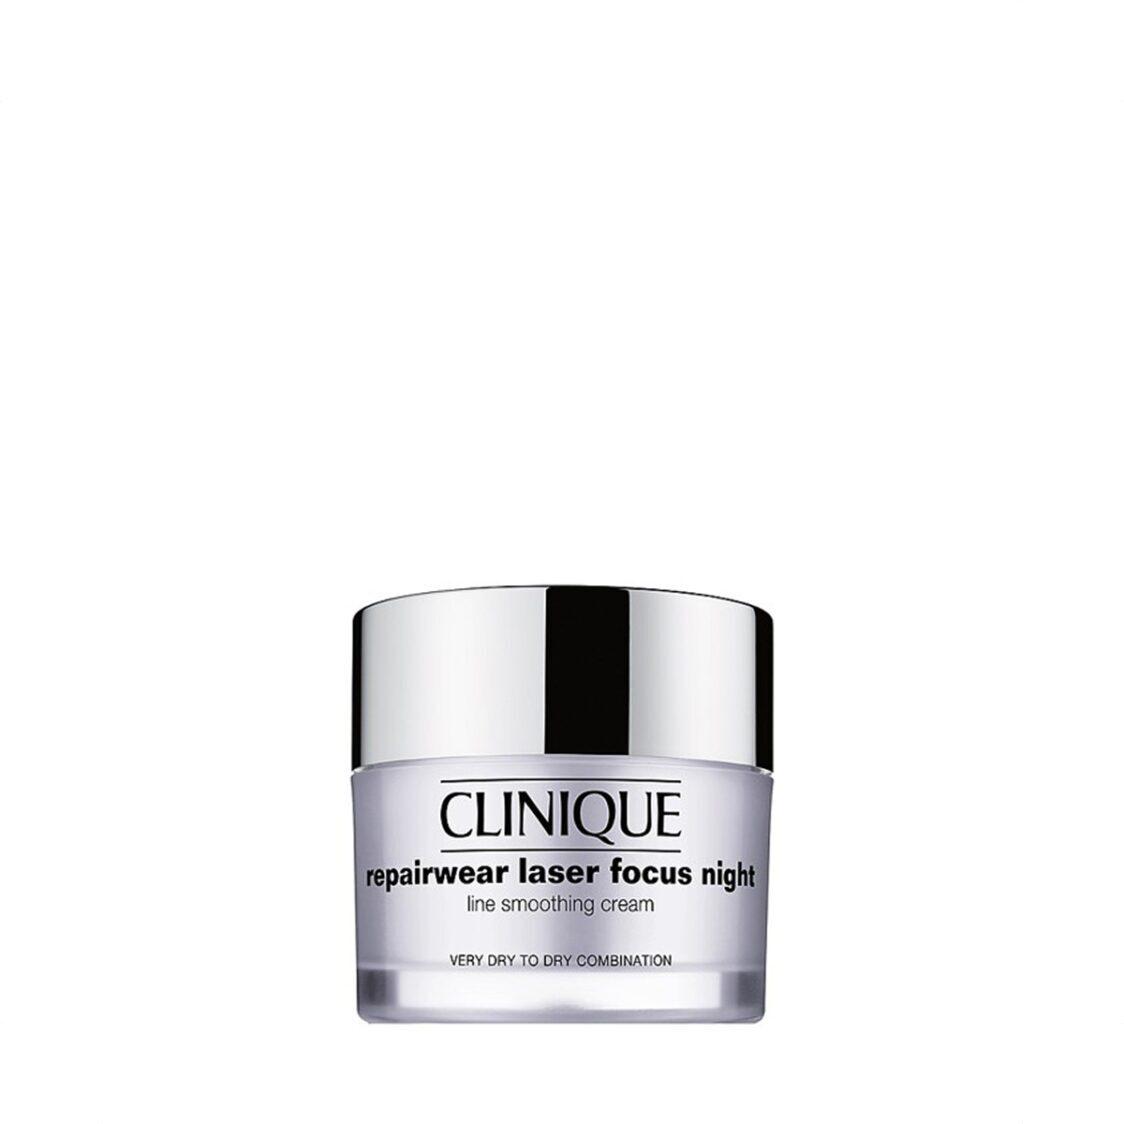 Clinique Repairwear Laser Focus Night Line Smoothing Cream Dry Combination 50ml